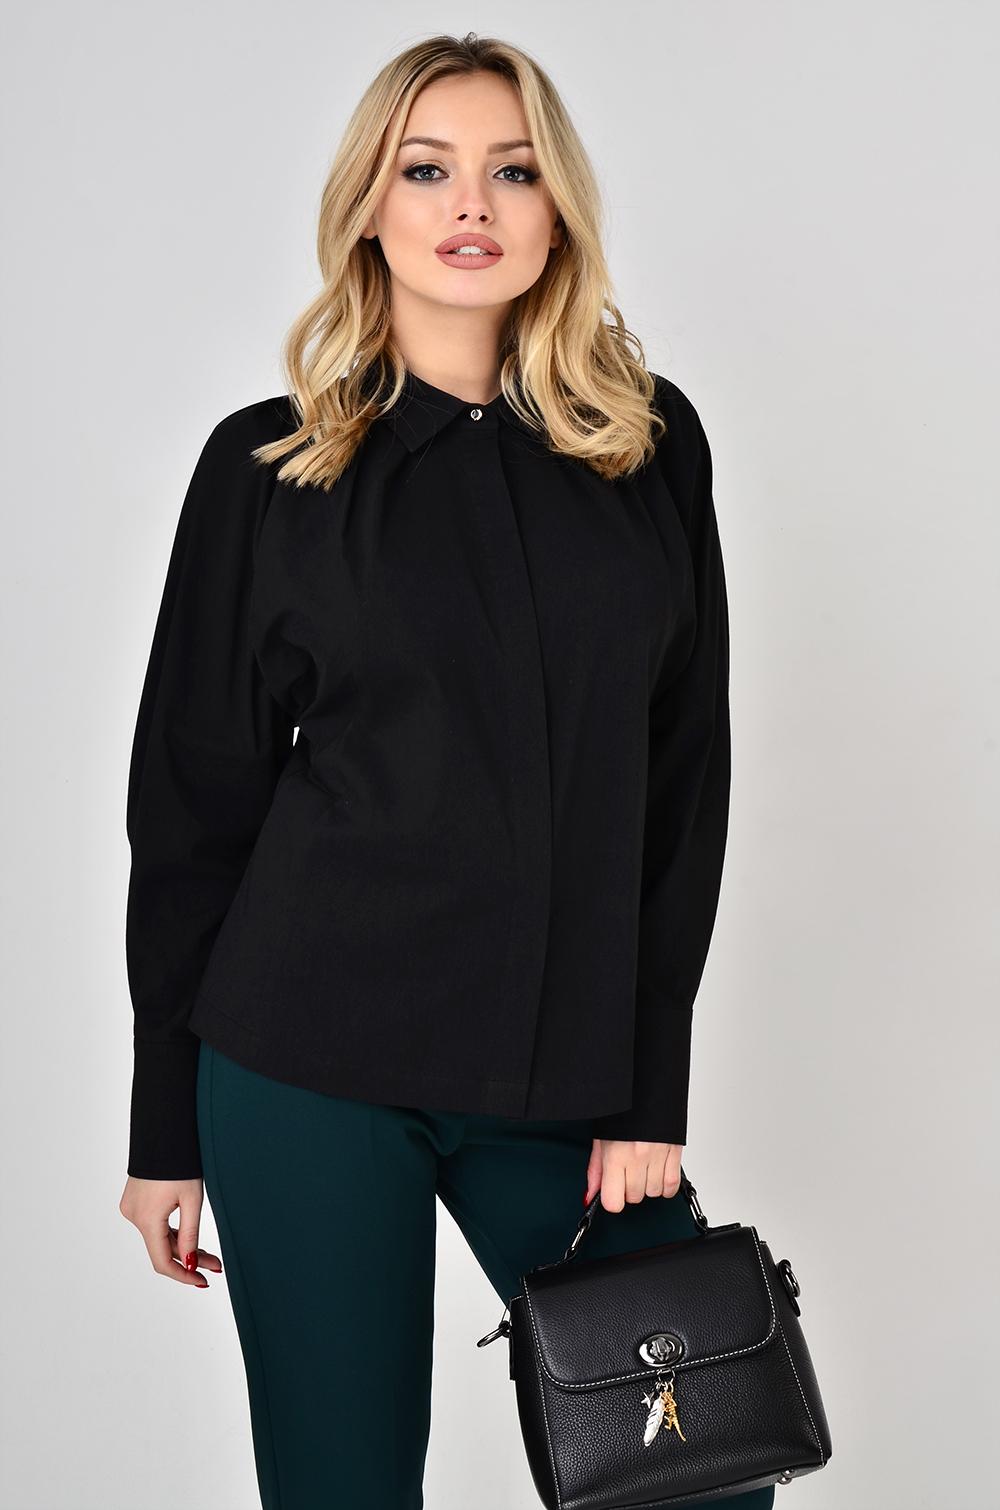 Блуза з декоративним драпіруванням Чорна Lipar